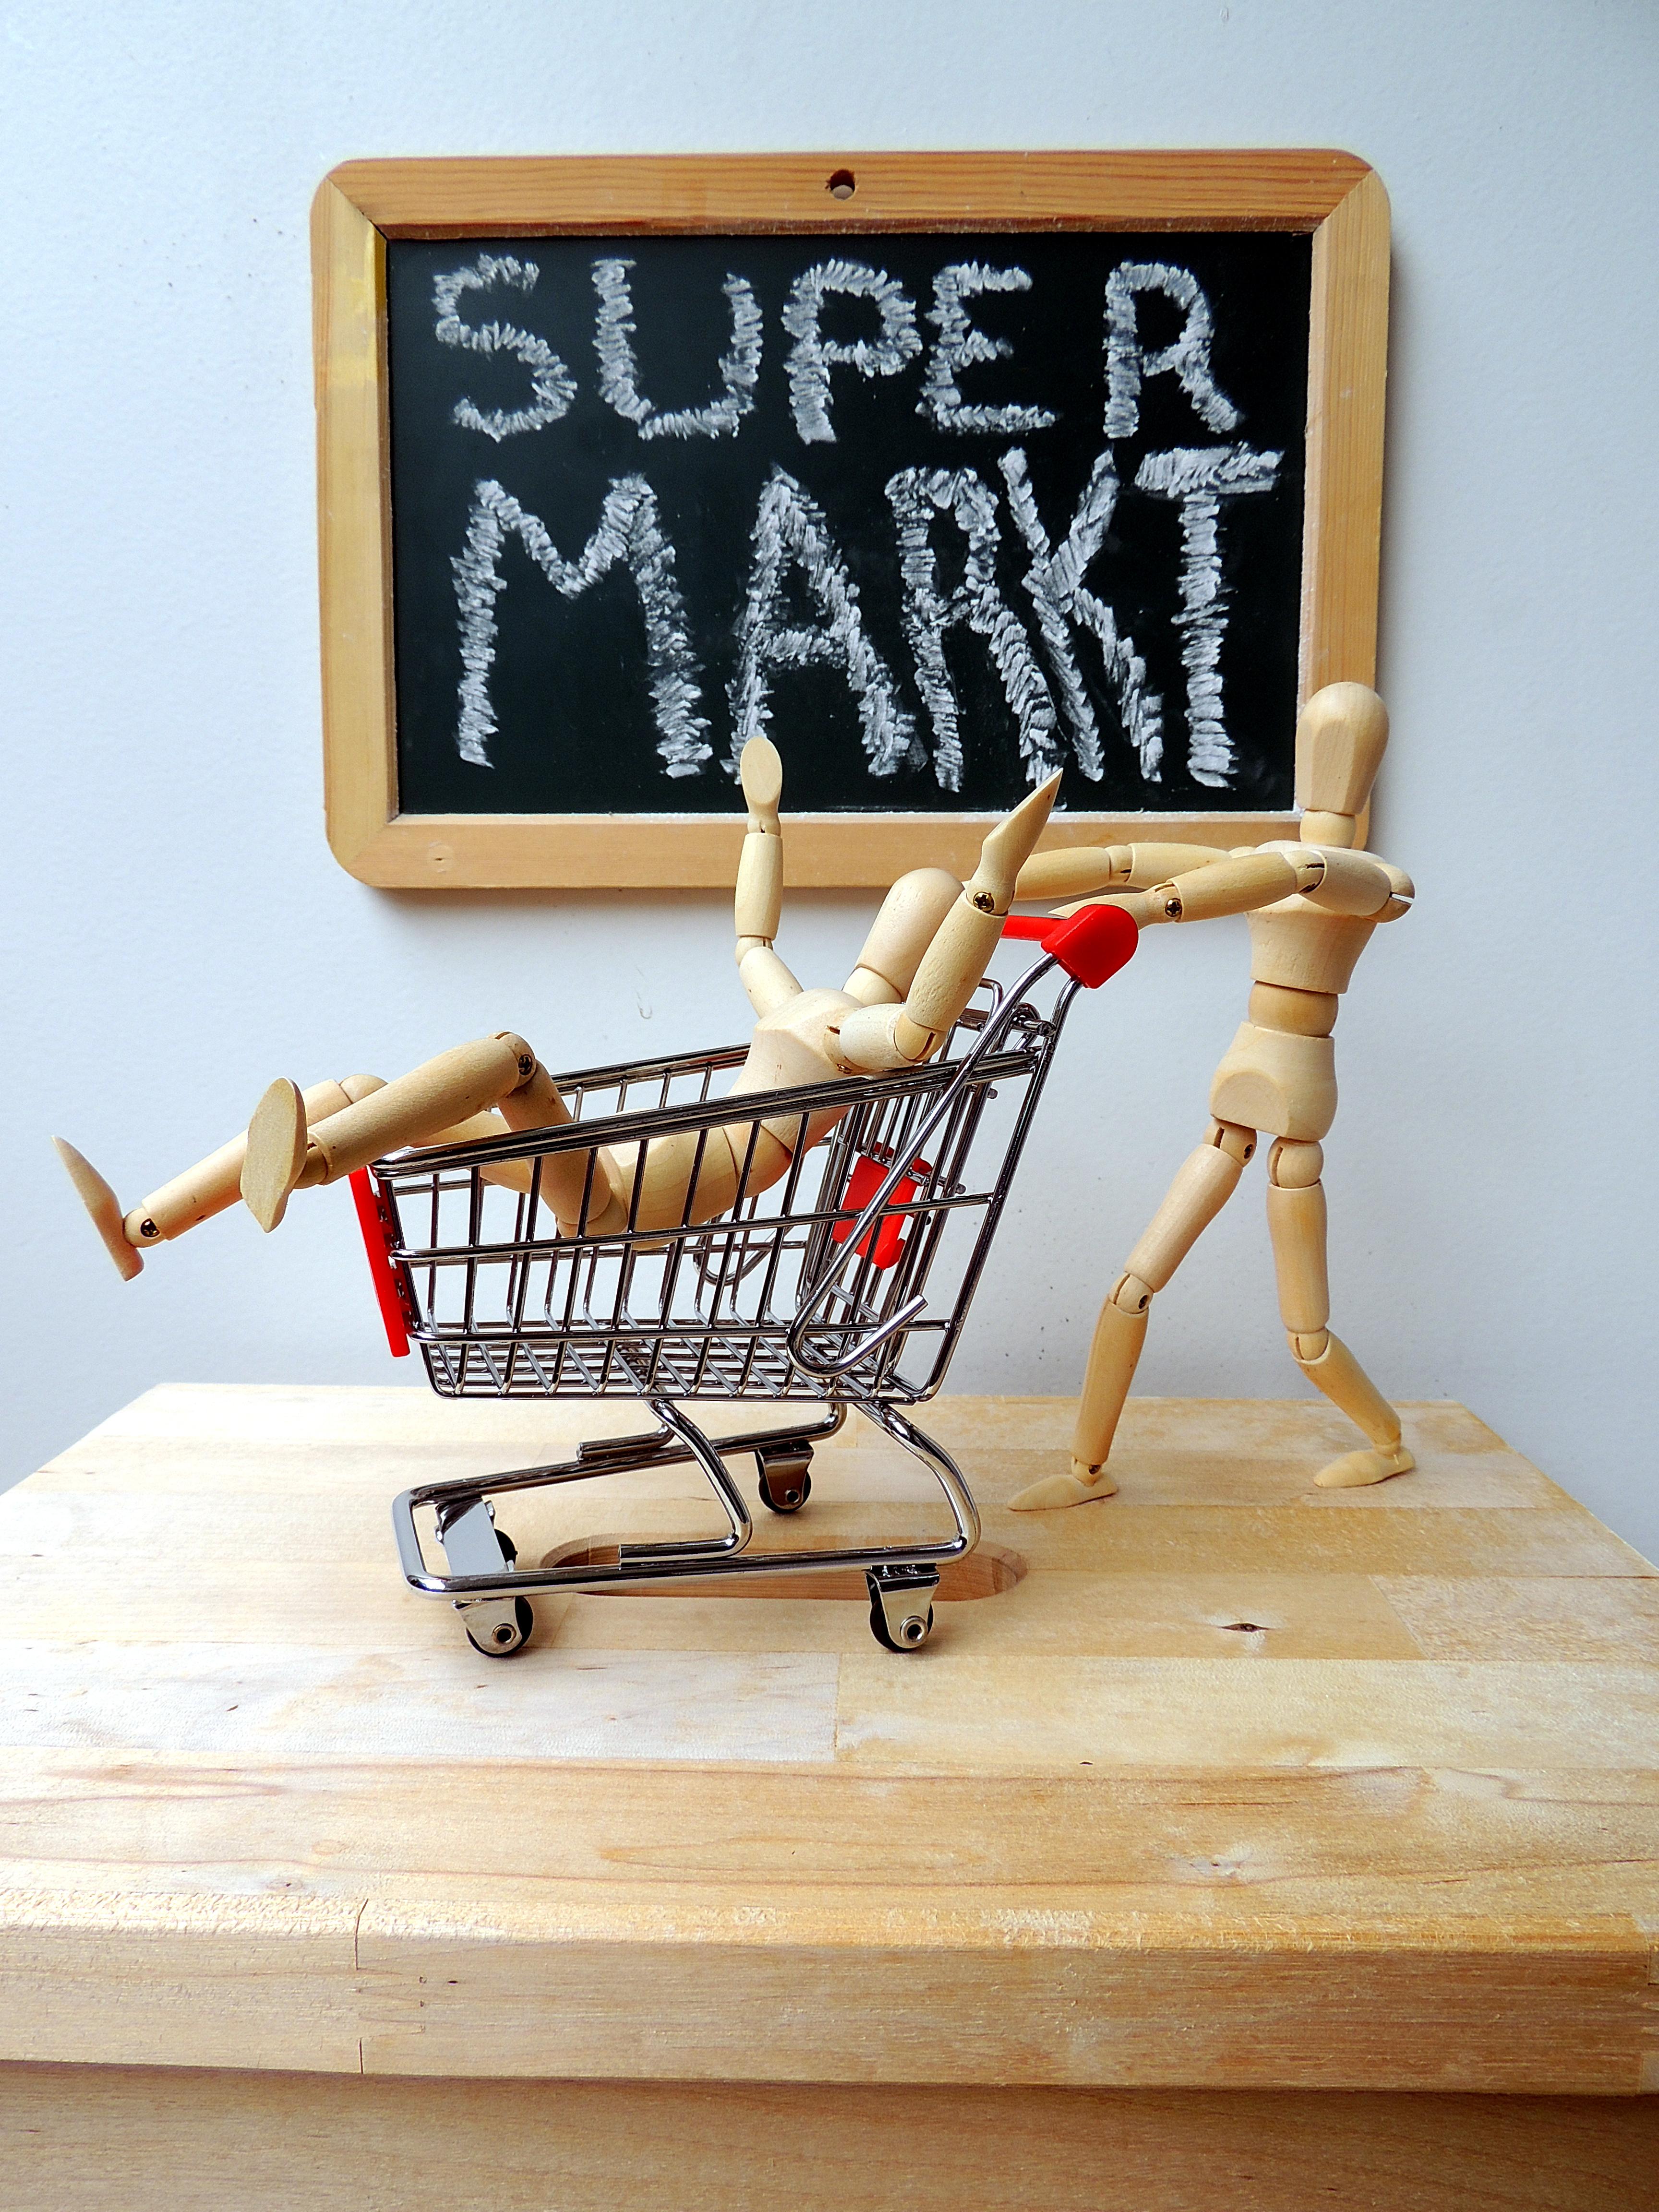 Alles super (beim) Edeka-Markt?; Foto: Jürgen Jotzo via Pixelio.de